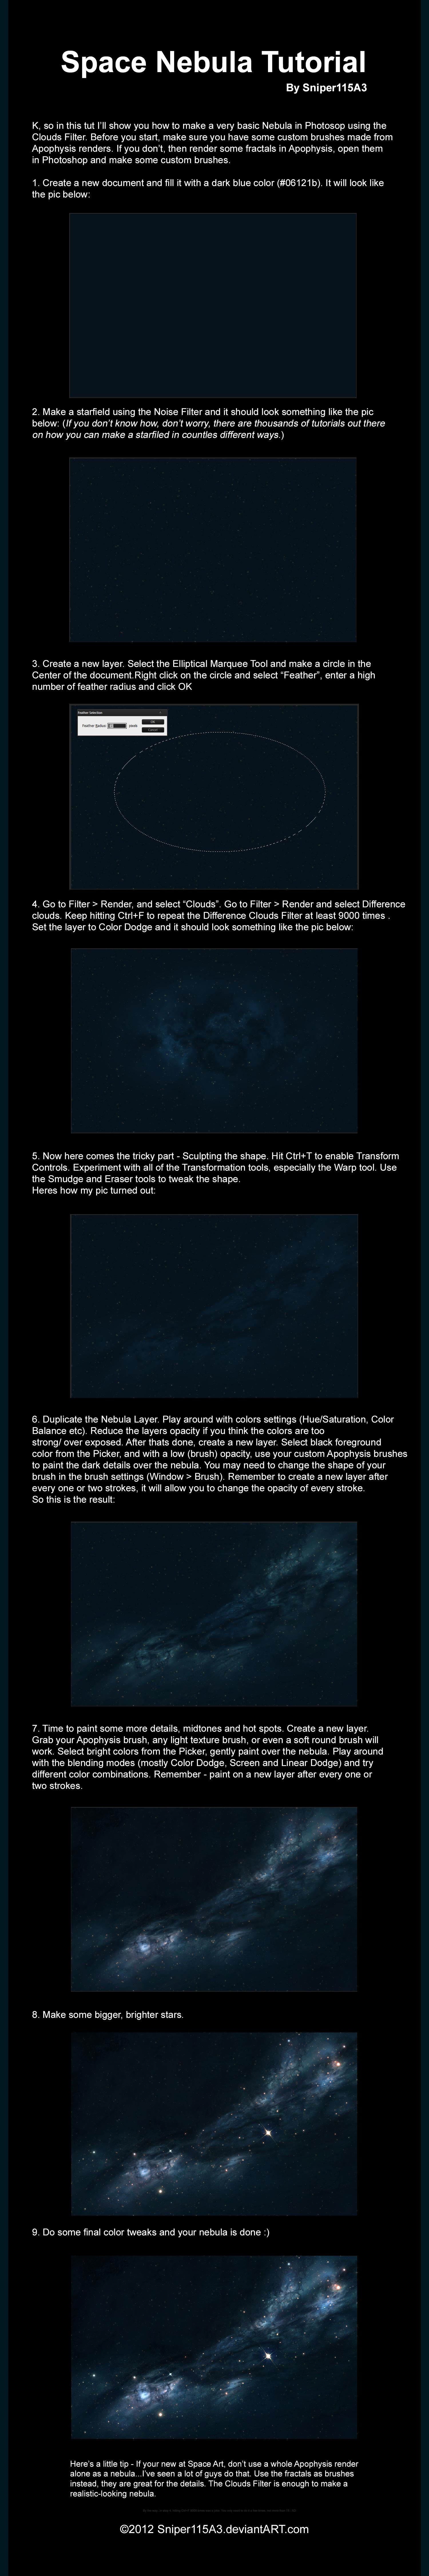 Space Nebula Tutorial